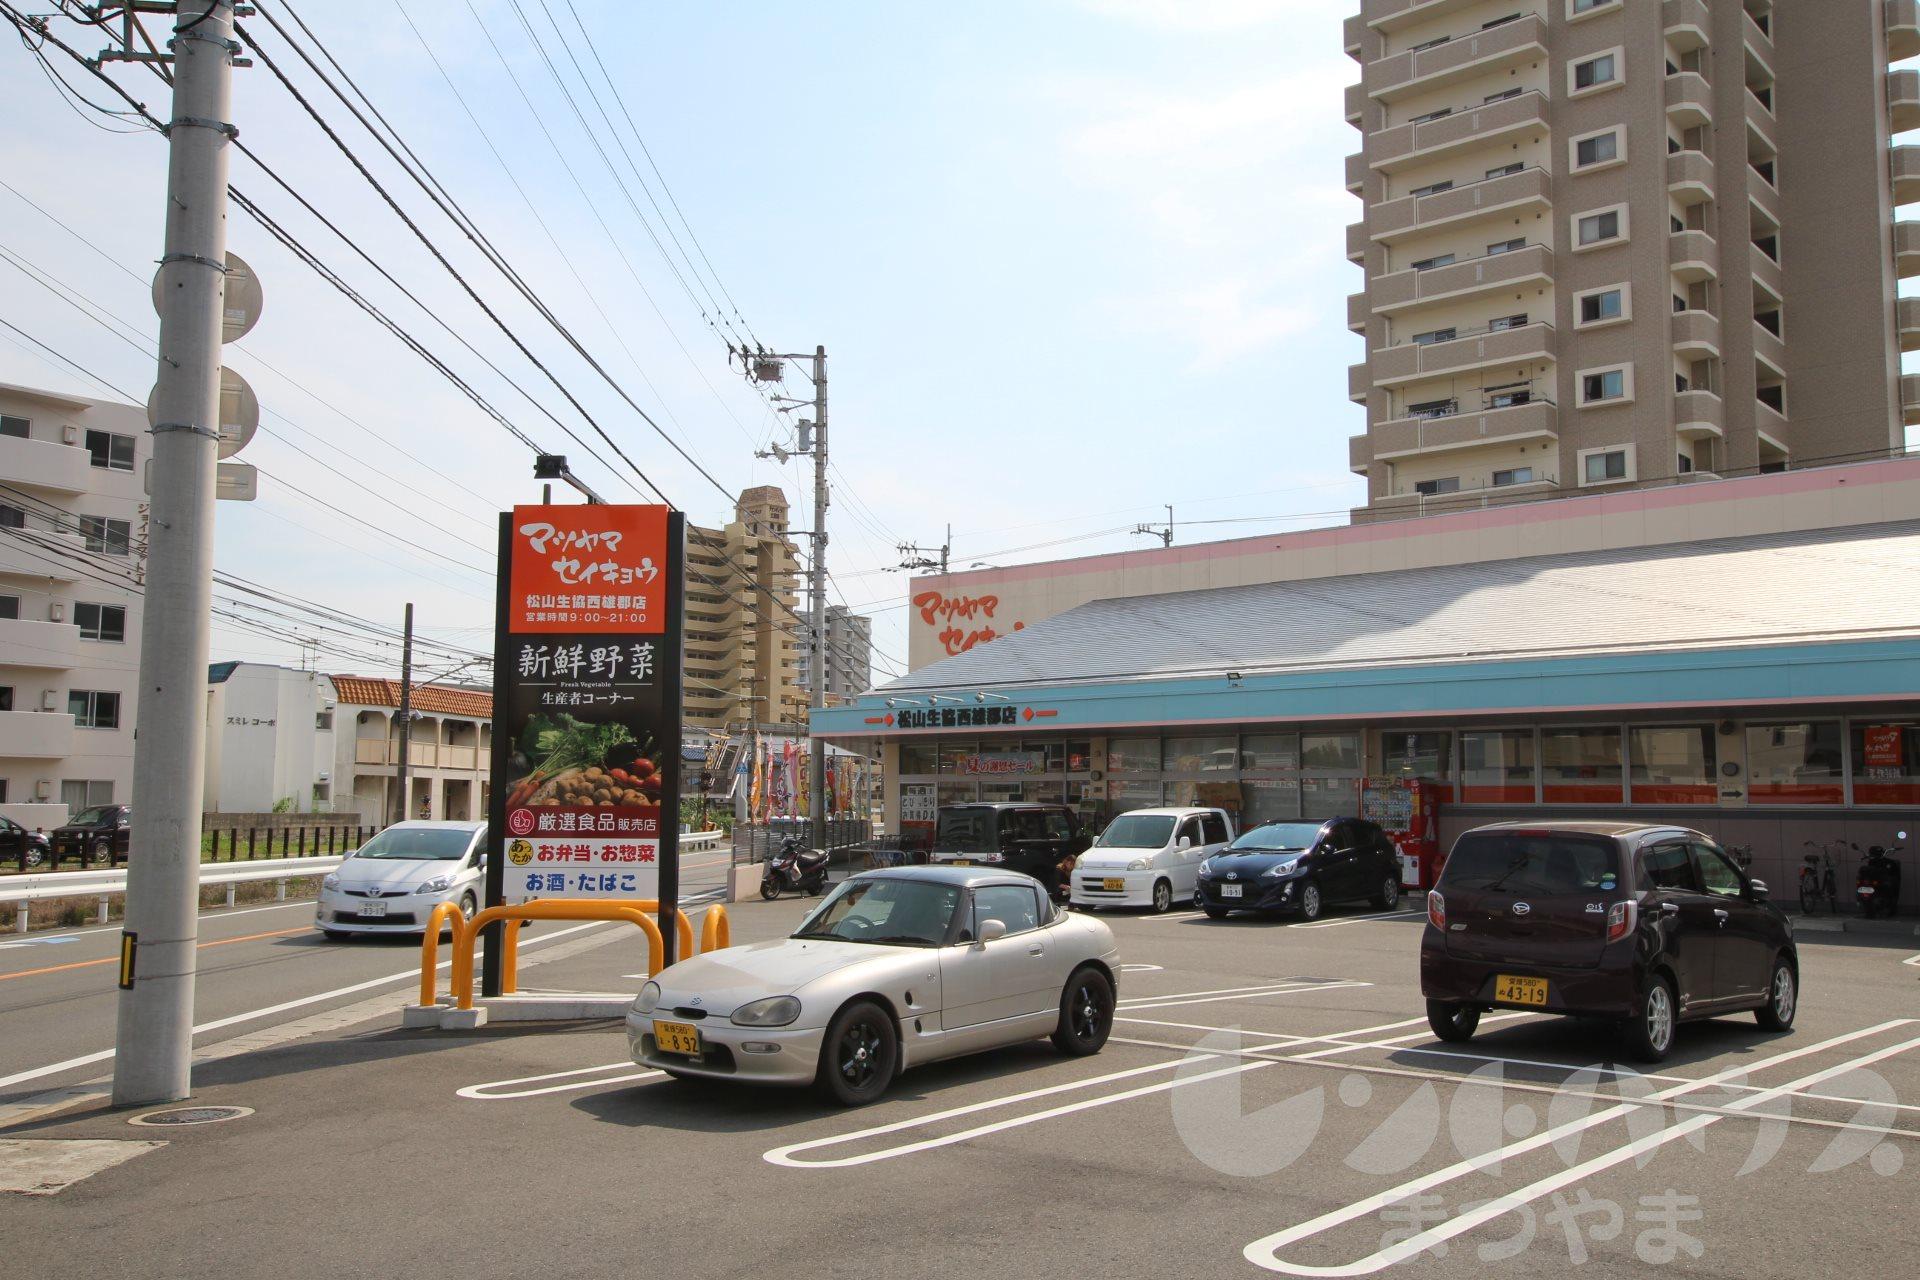 スーパー:松山生協 西雄郡店 196m